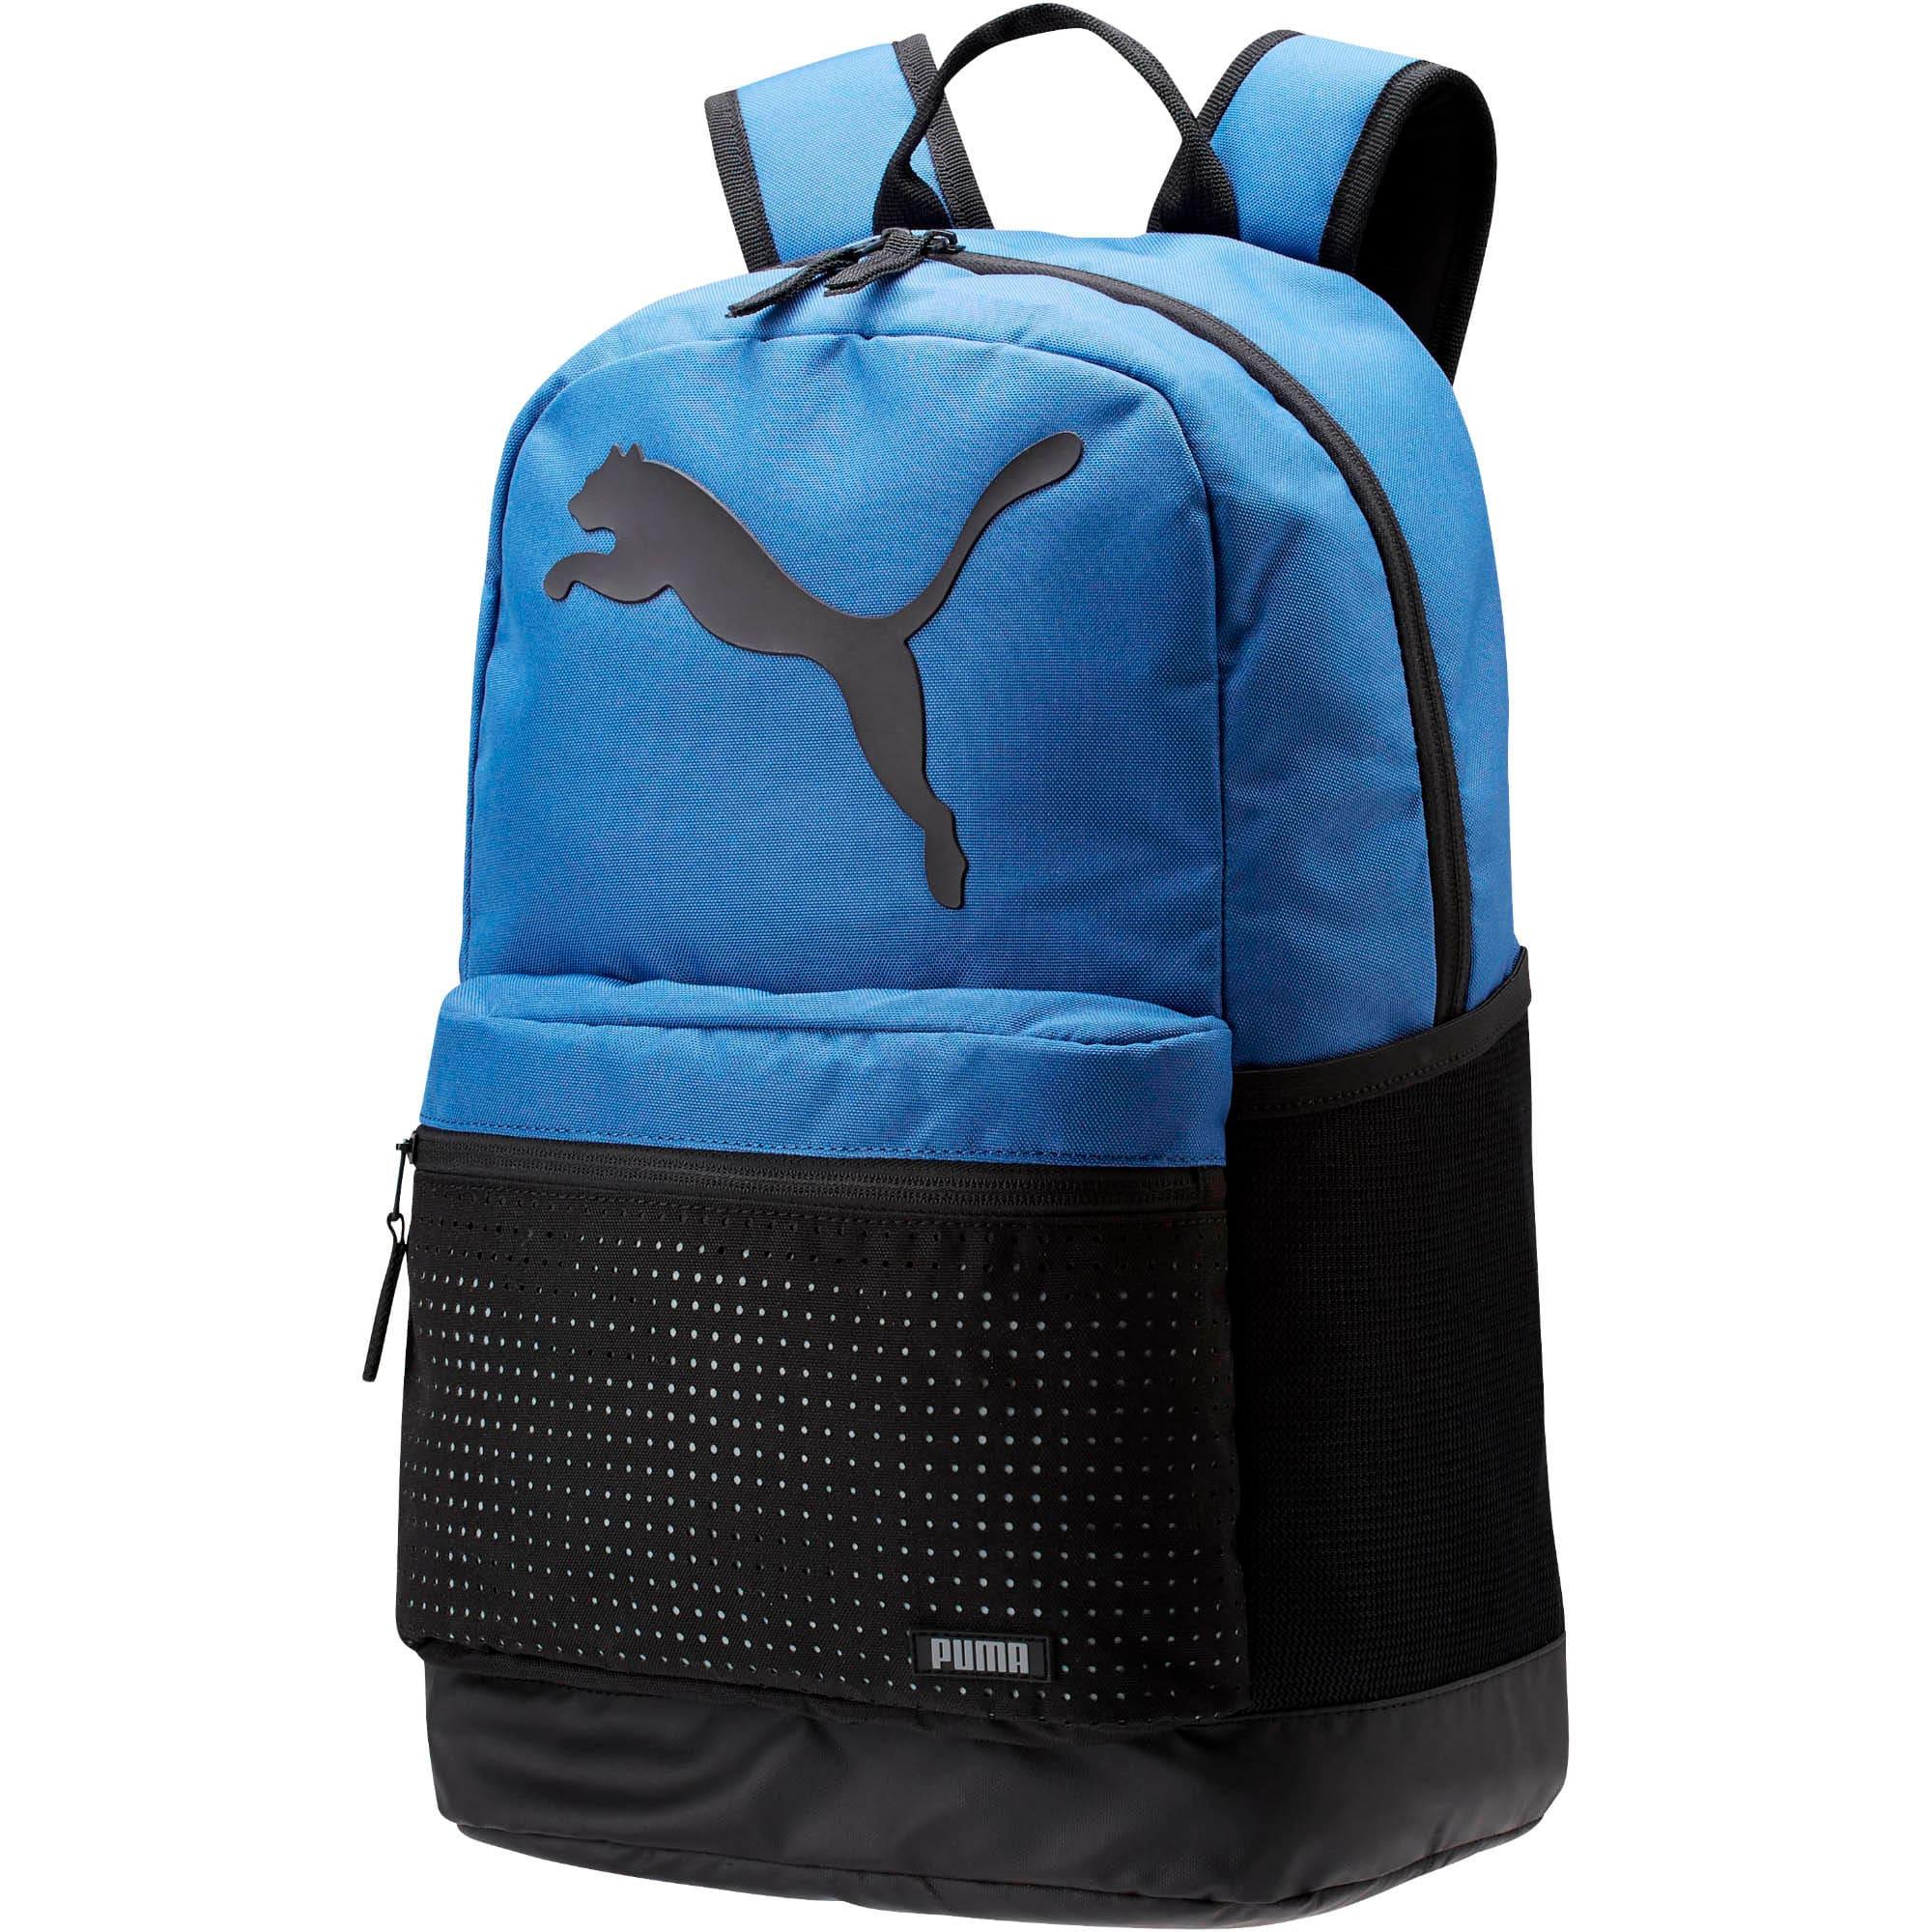 Thumbnail 1 of PUMA Generator 2.0 Backpack, Blue Combo, medium